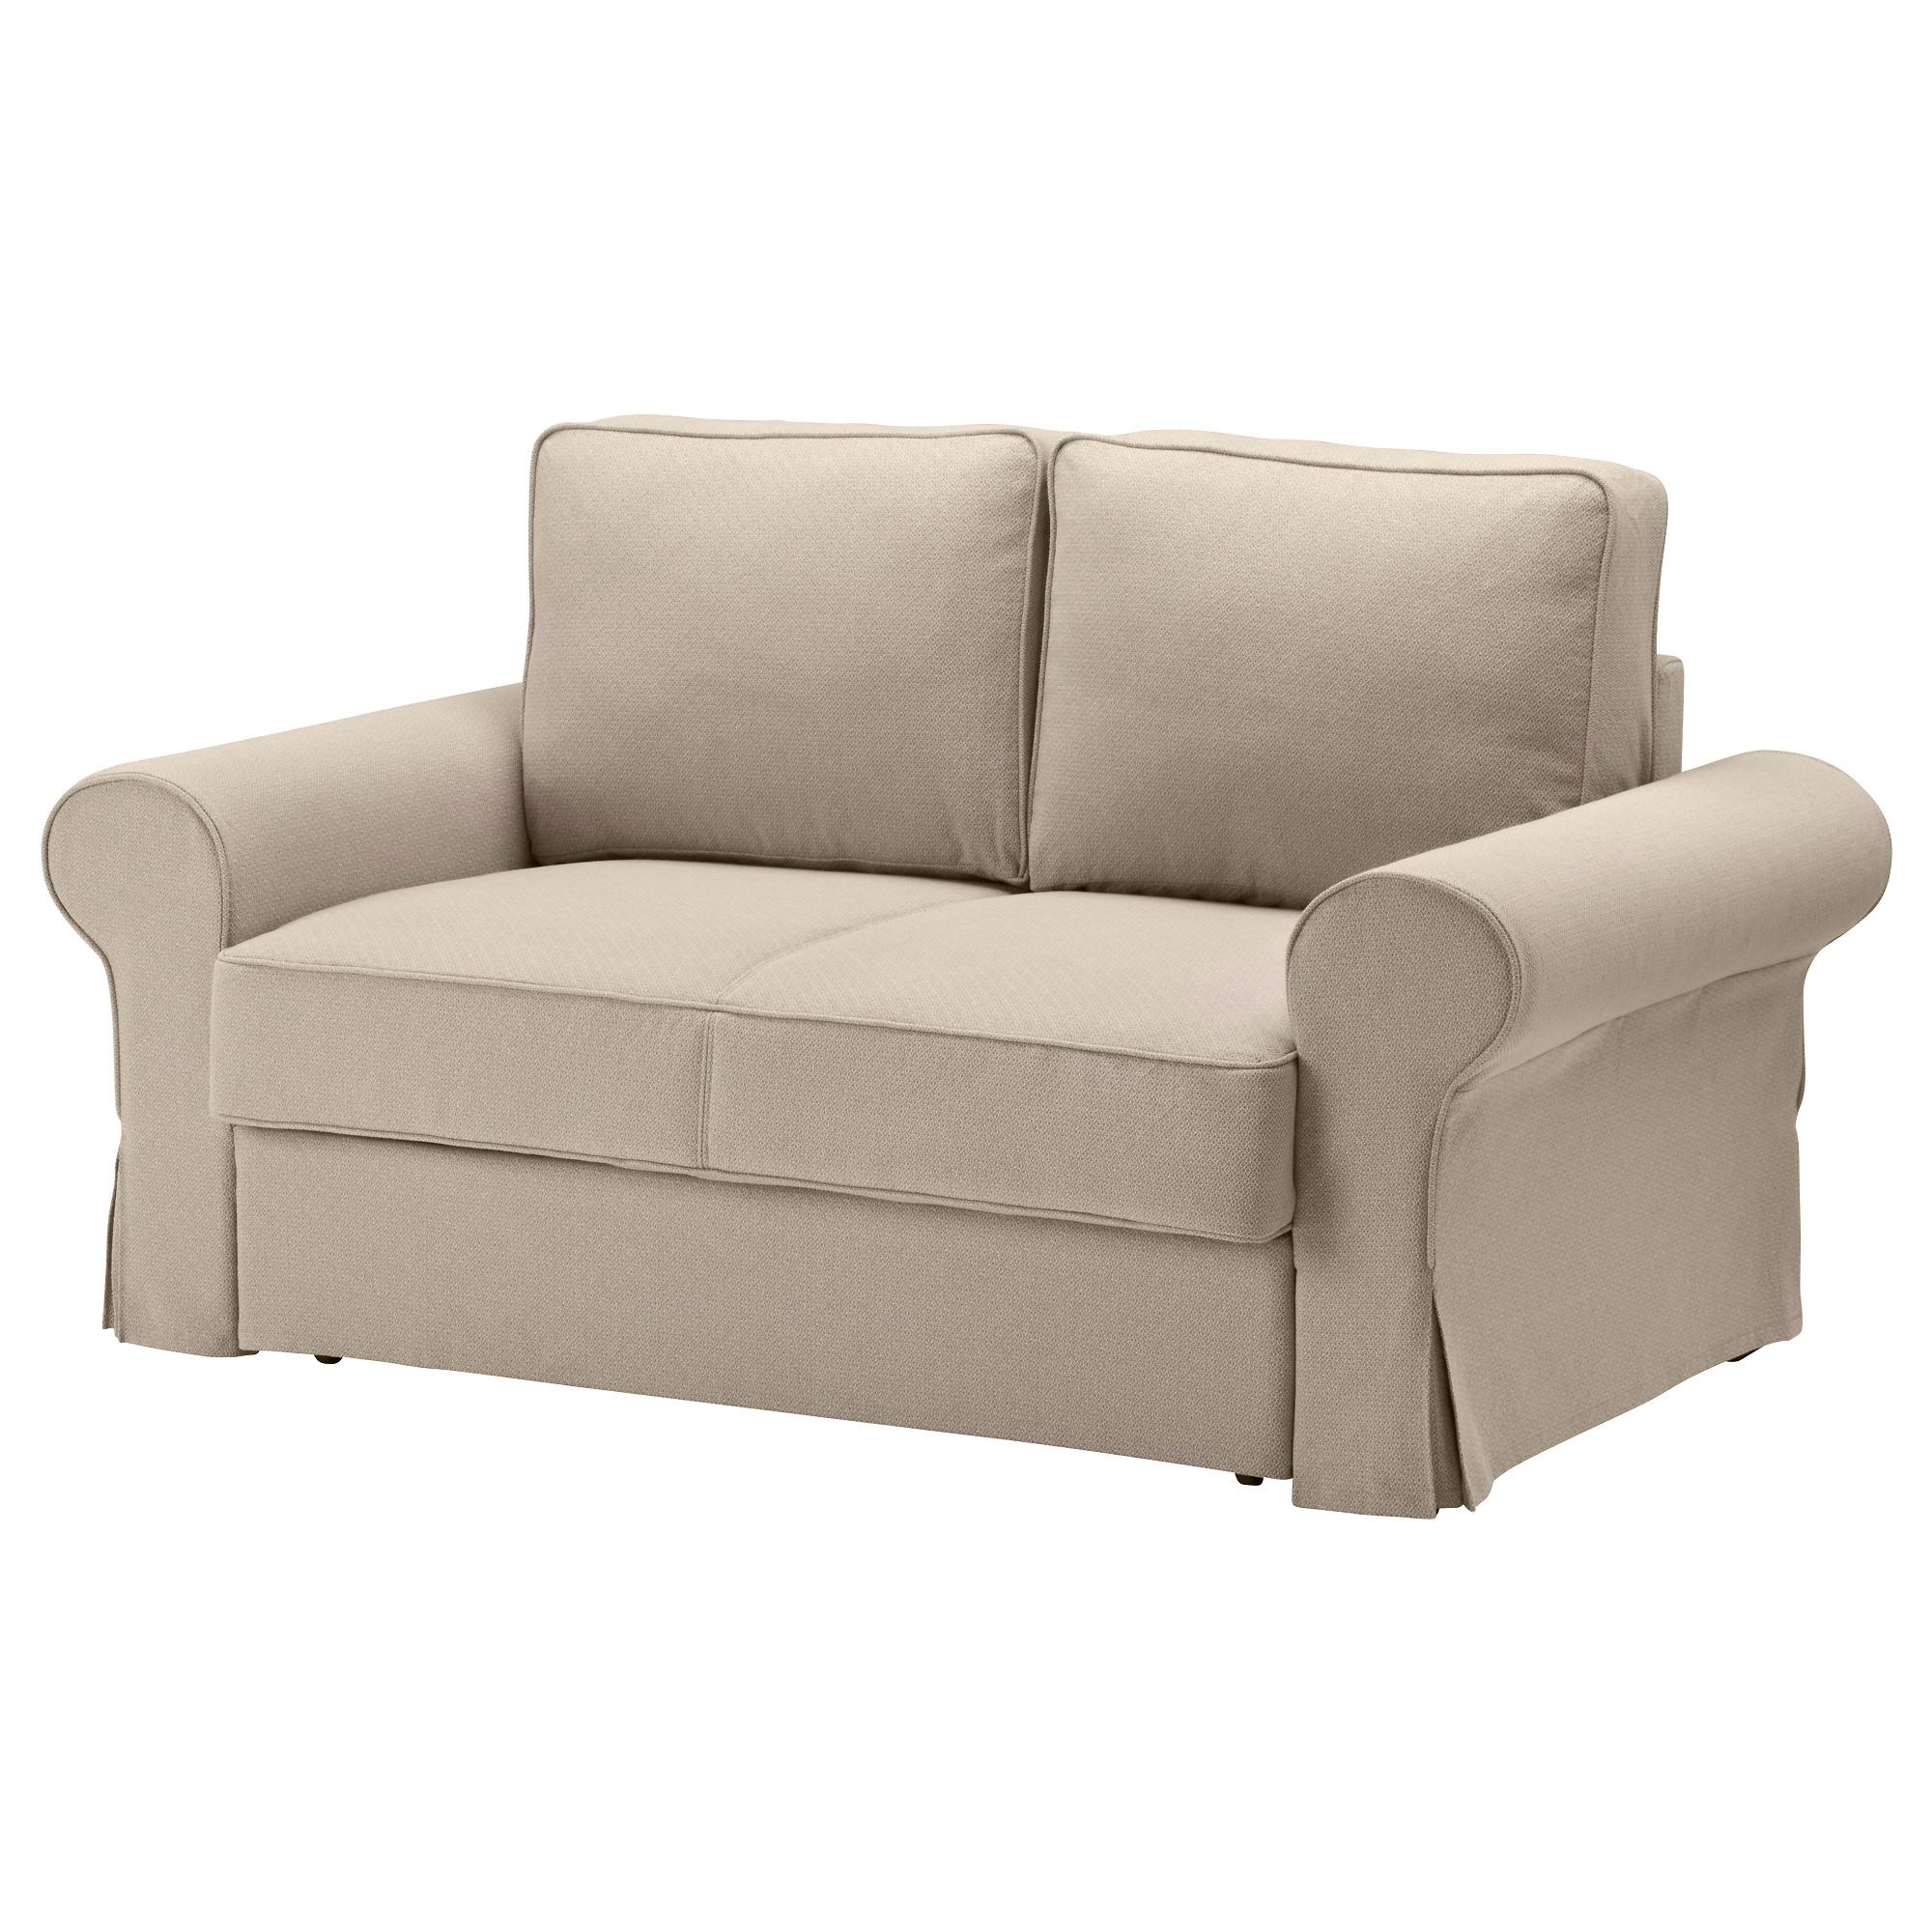 Купить Диван кровать 2 местная БАККАБРУ ХиРьте бежевый в IKEA